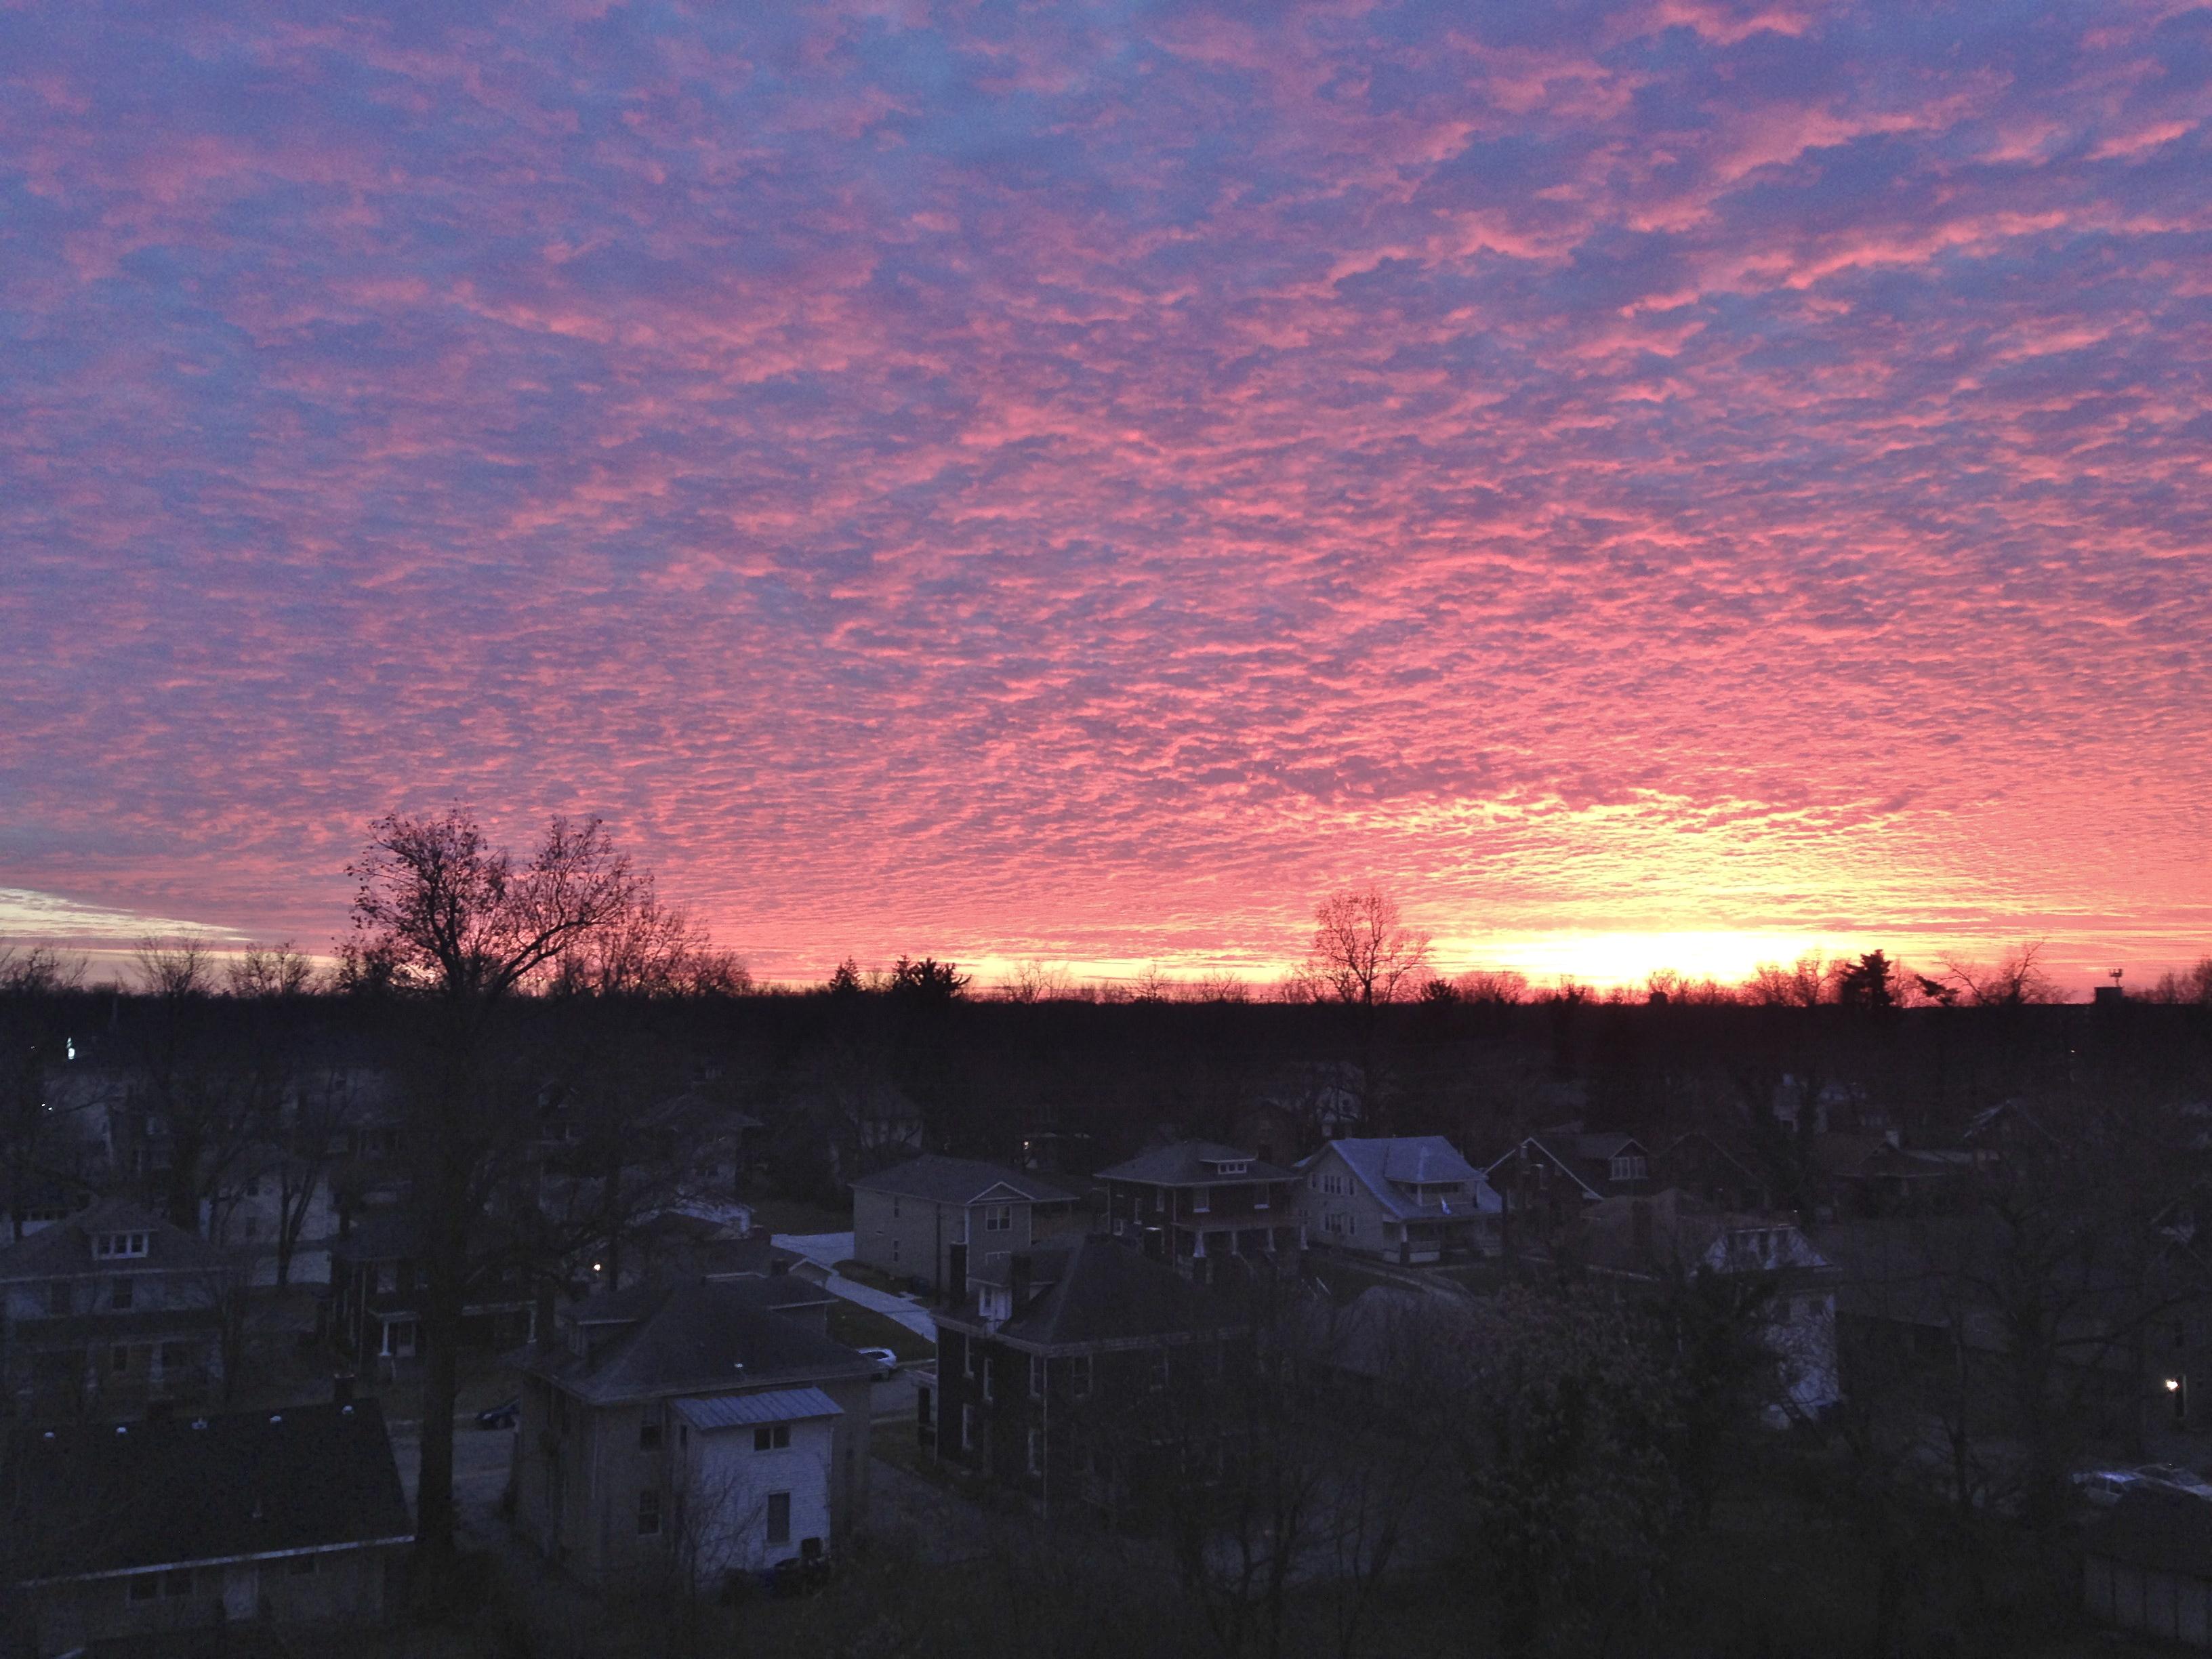 FileLexington Kentucky sunset 2014 01 01 173944 by Navin75